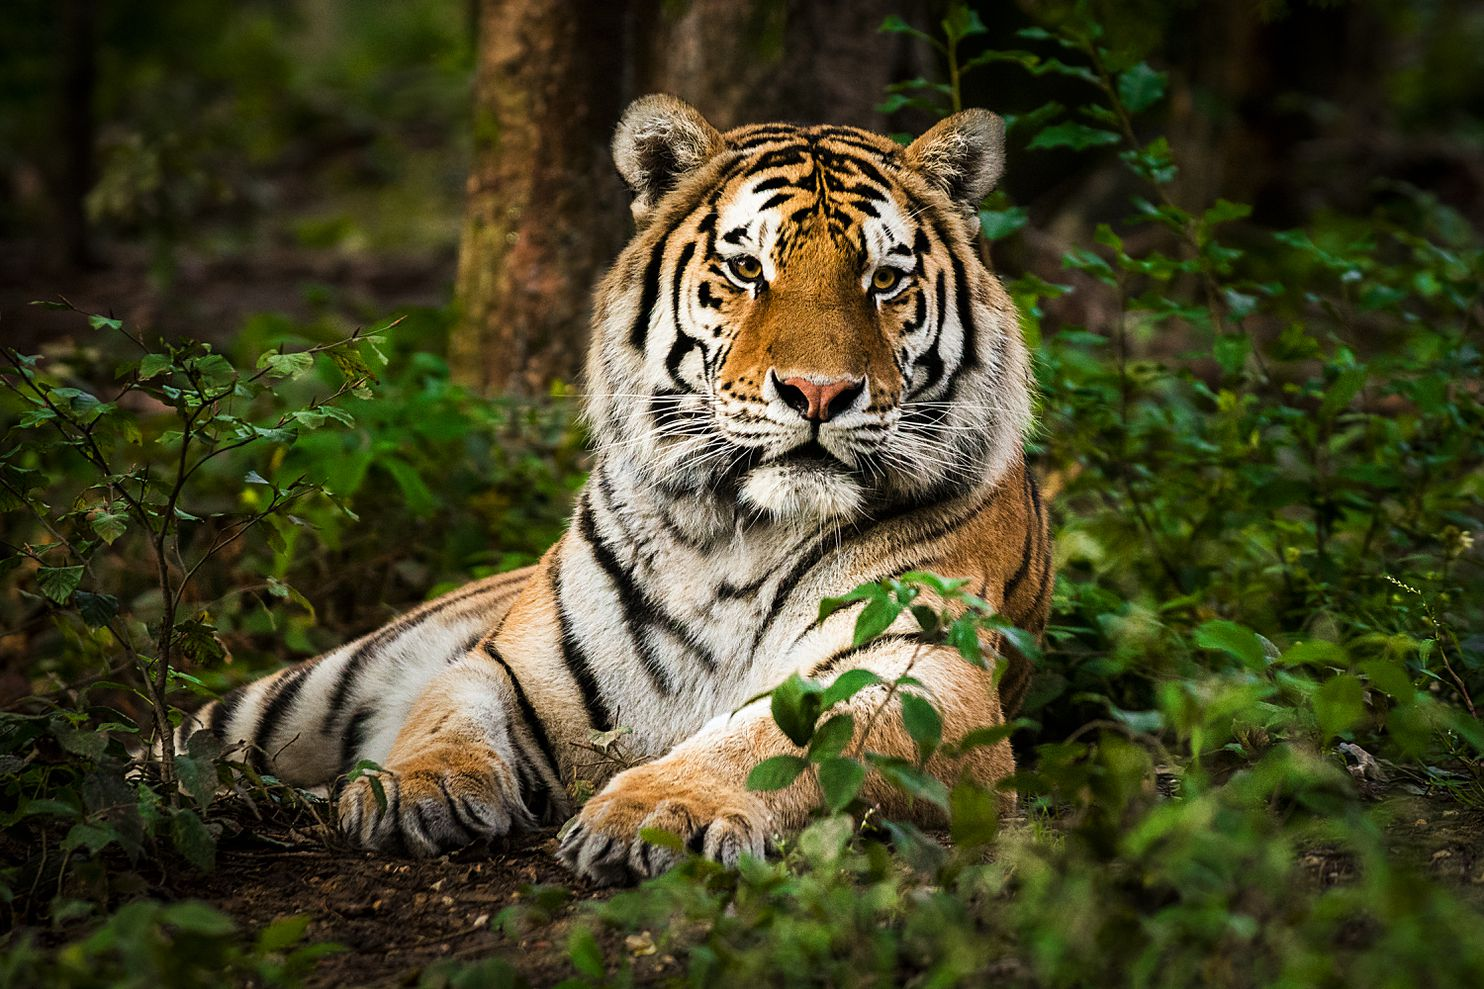 houston tiger found in